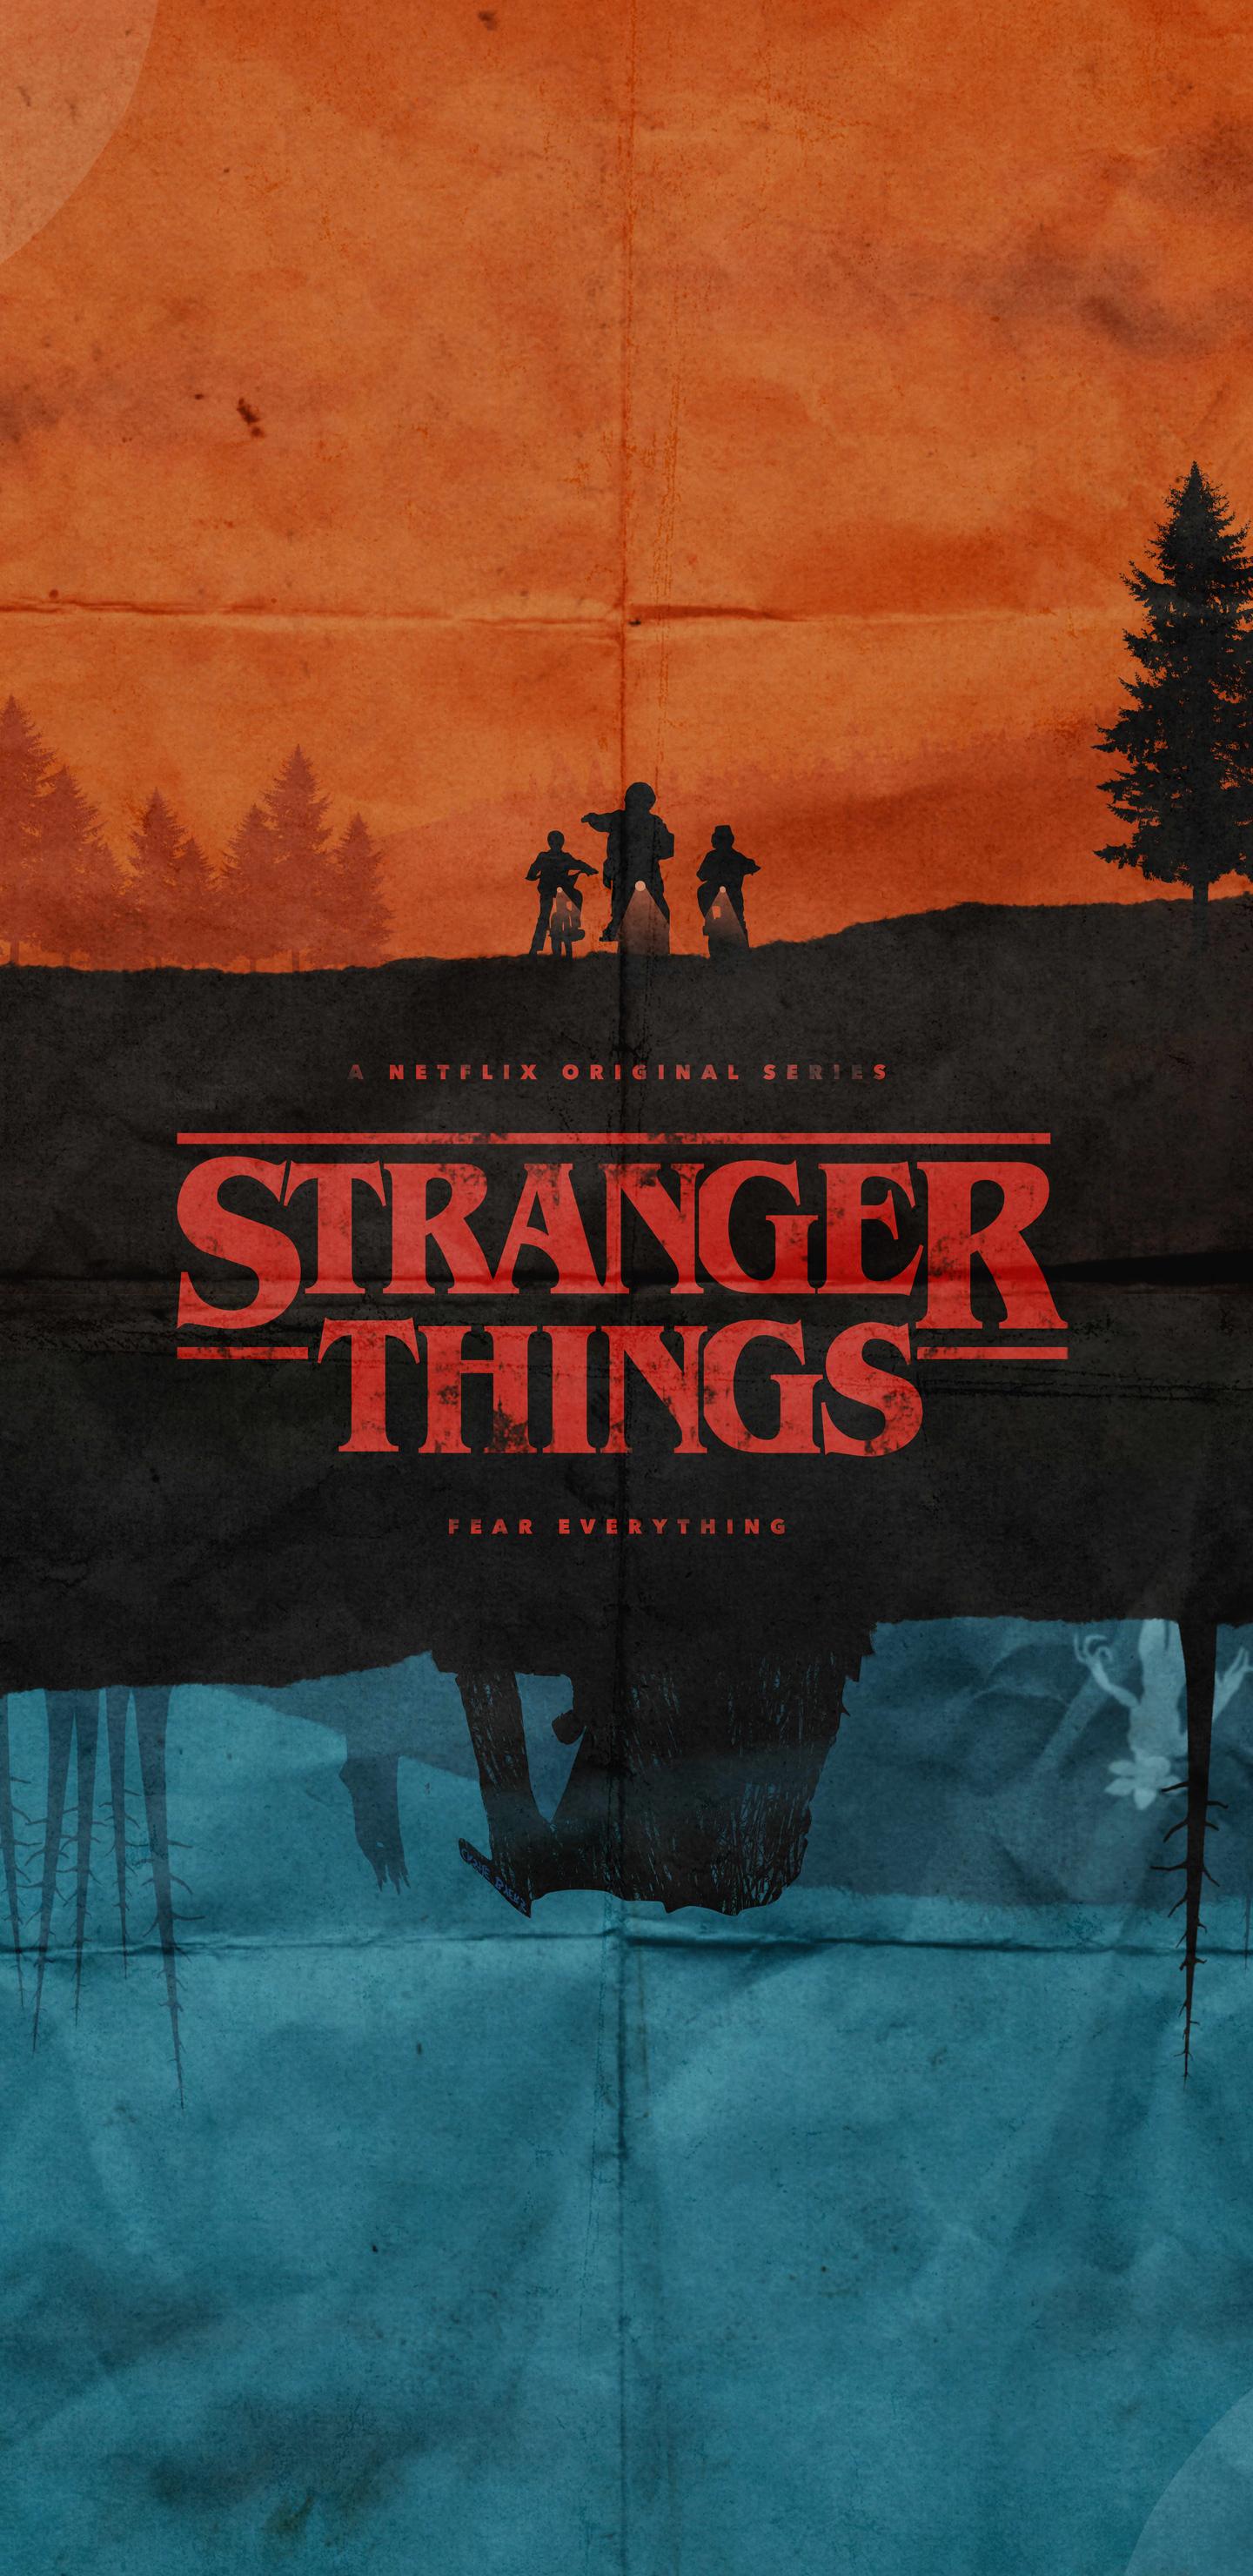 stranger-things-fanmade-poster-5k-w6.jpg